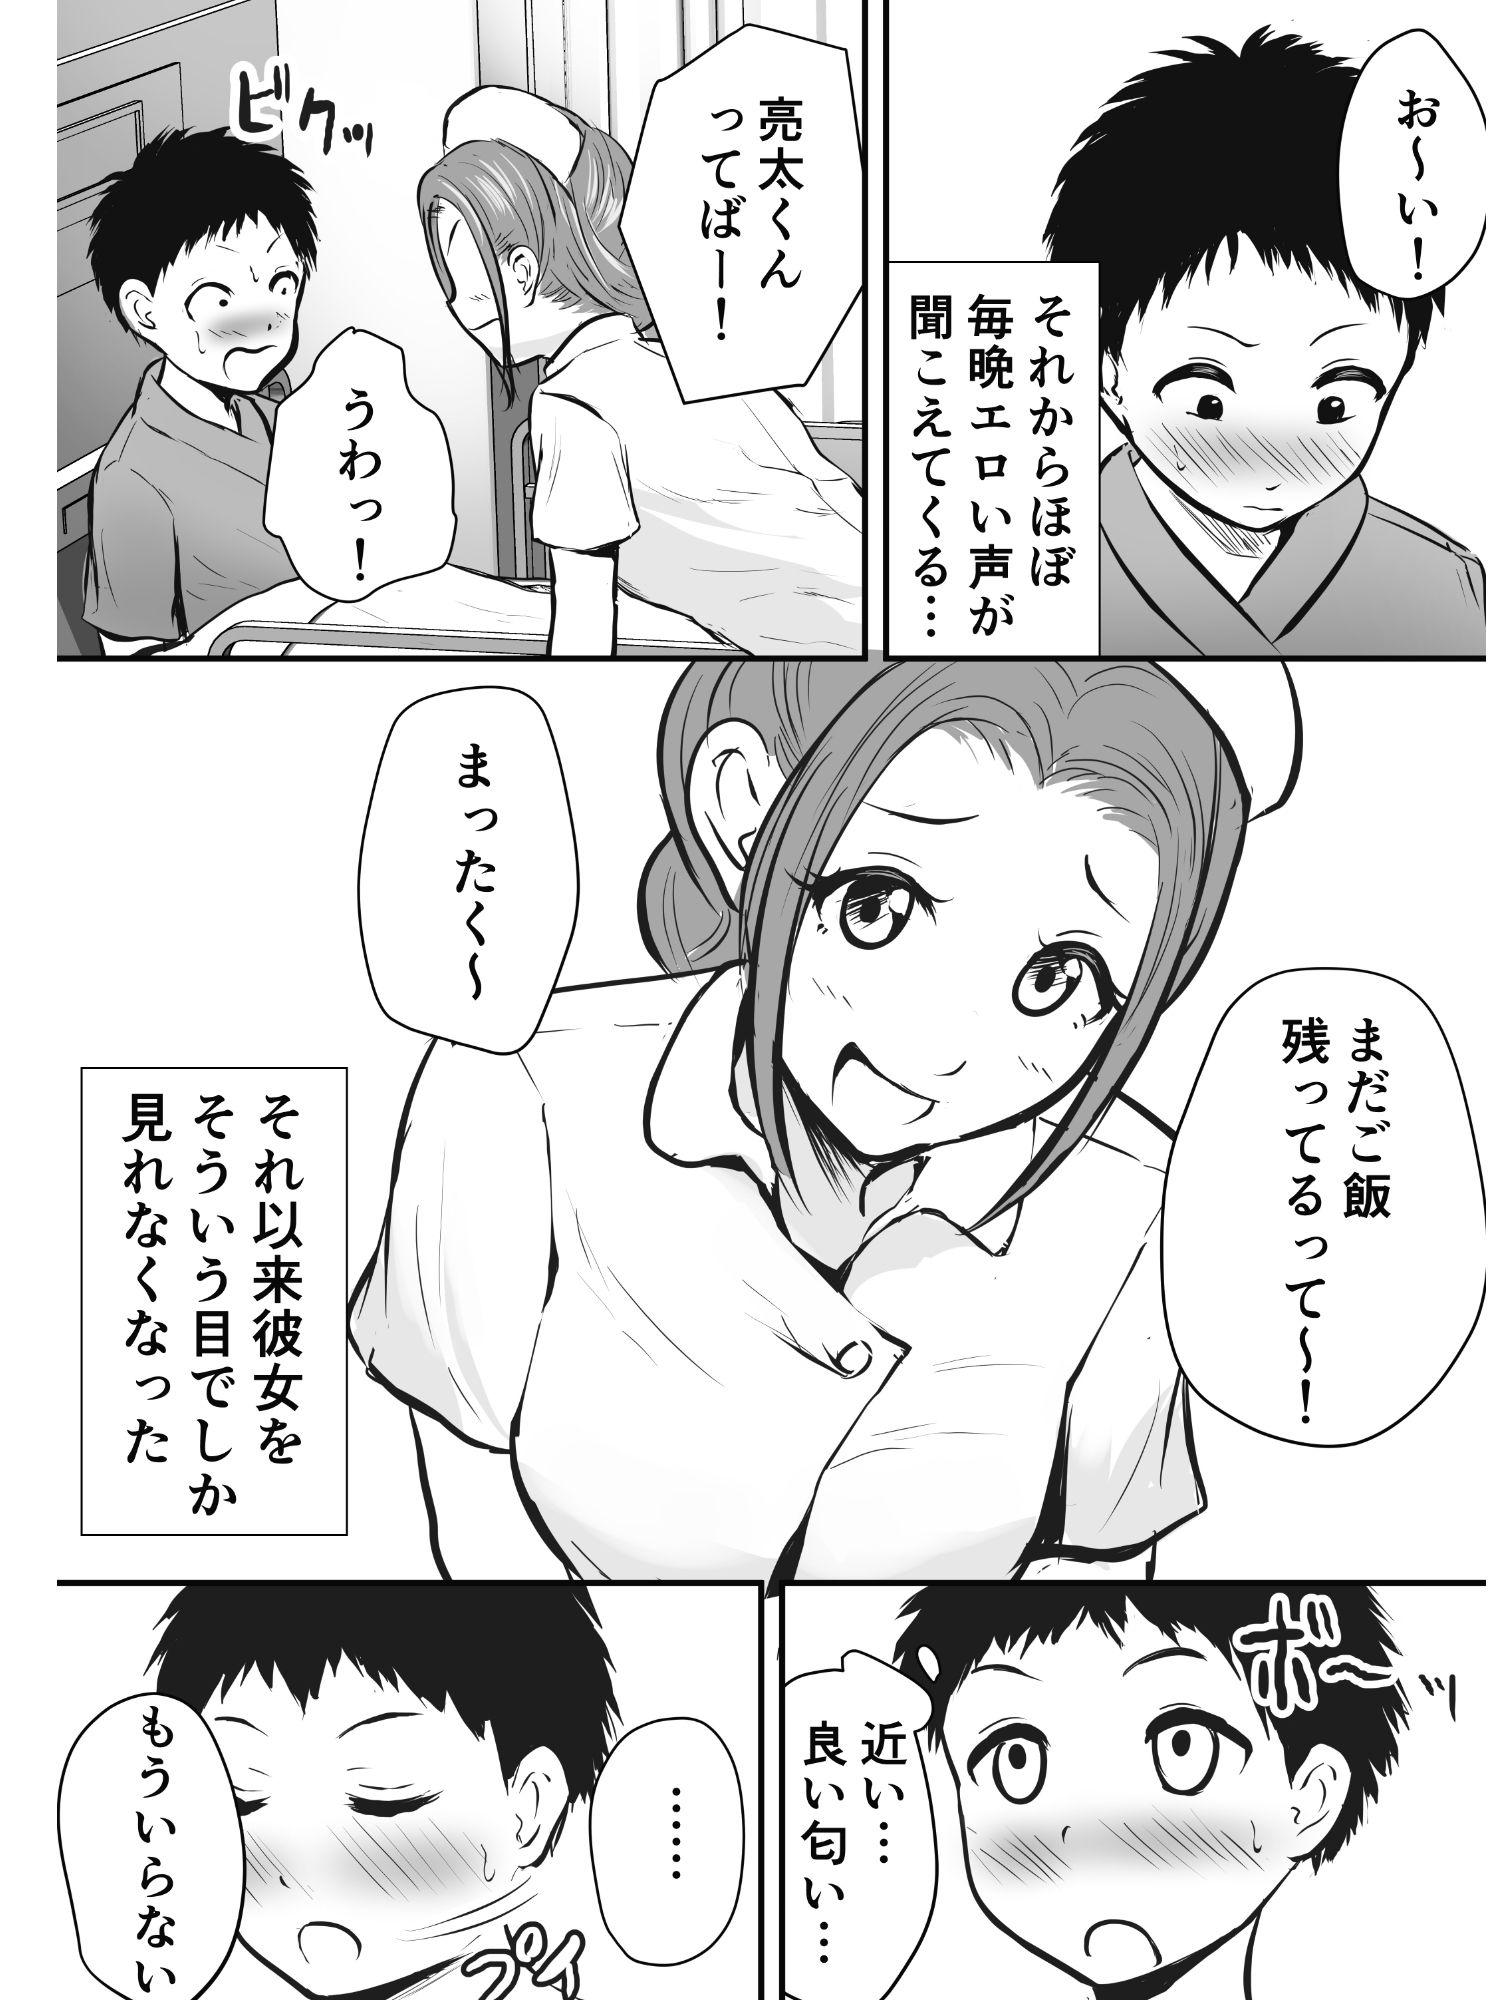 【エロ漫画無料大全集】【NTLエロ漫画】好きになってしまった若妻看護師のお姉さんを寝取れた話